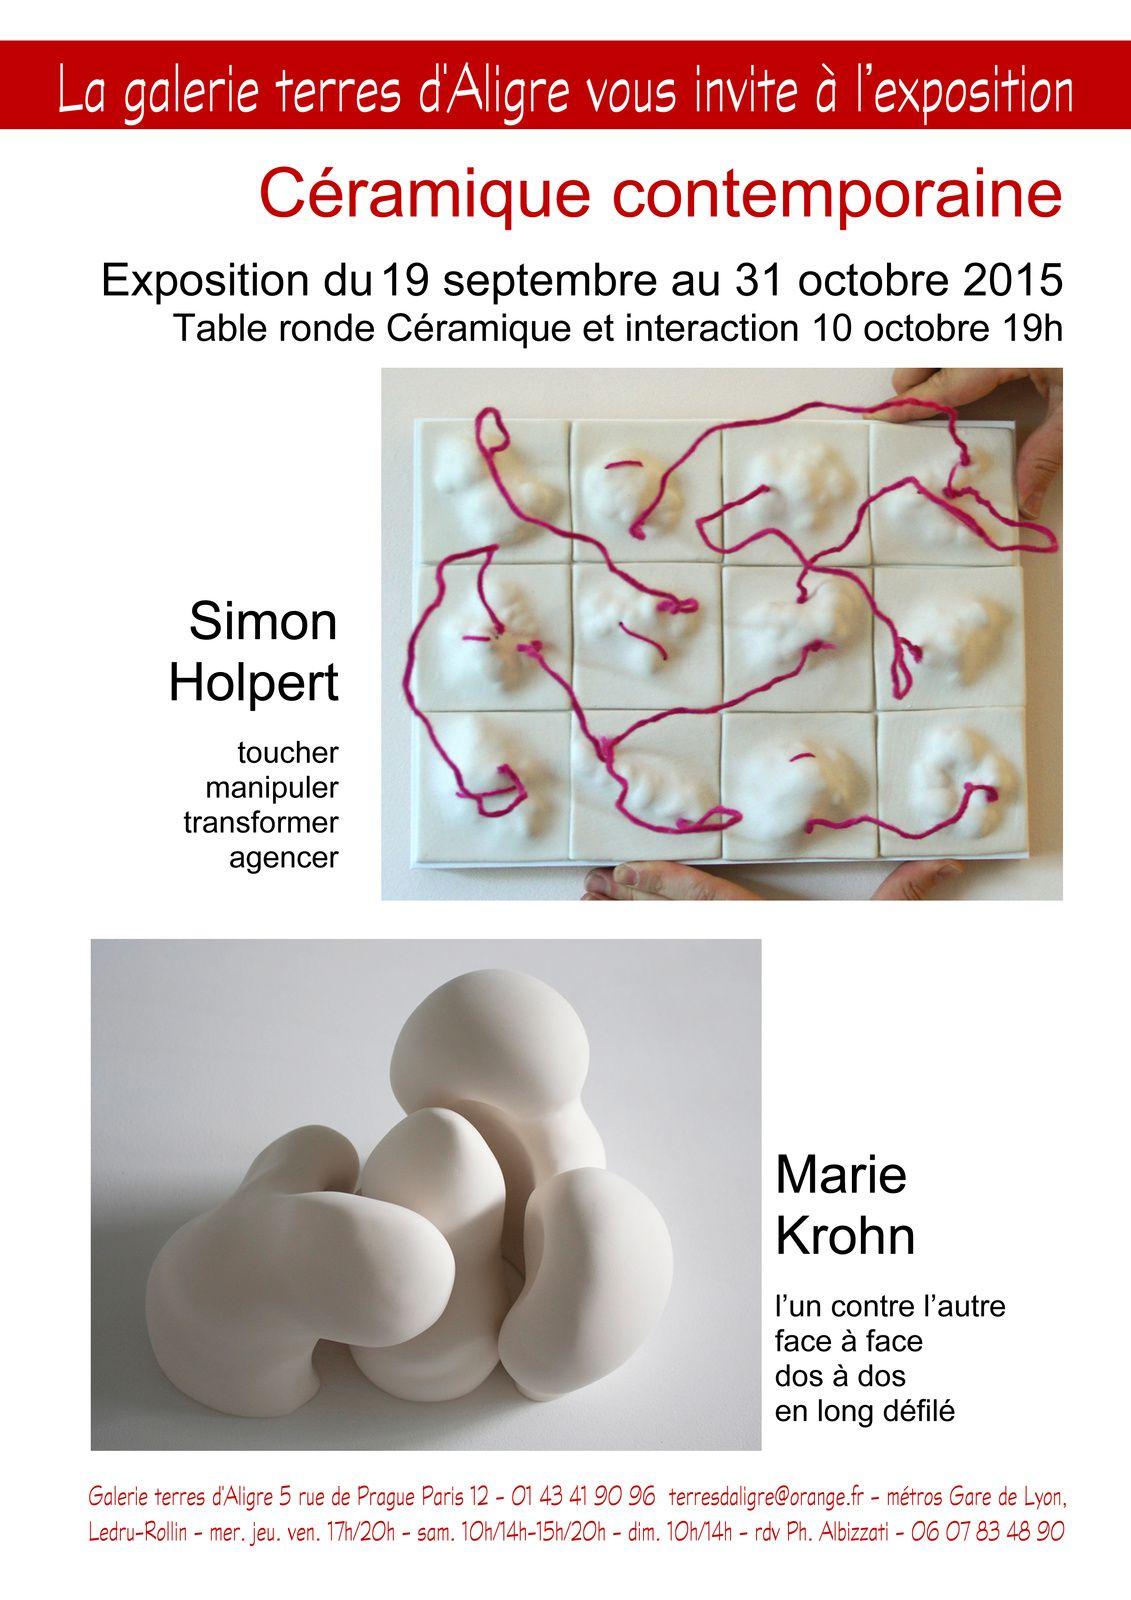 Céramique contemporaine - Marie Krohn - Simon Holpert